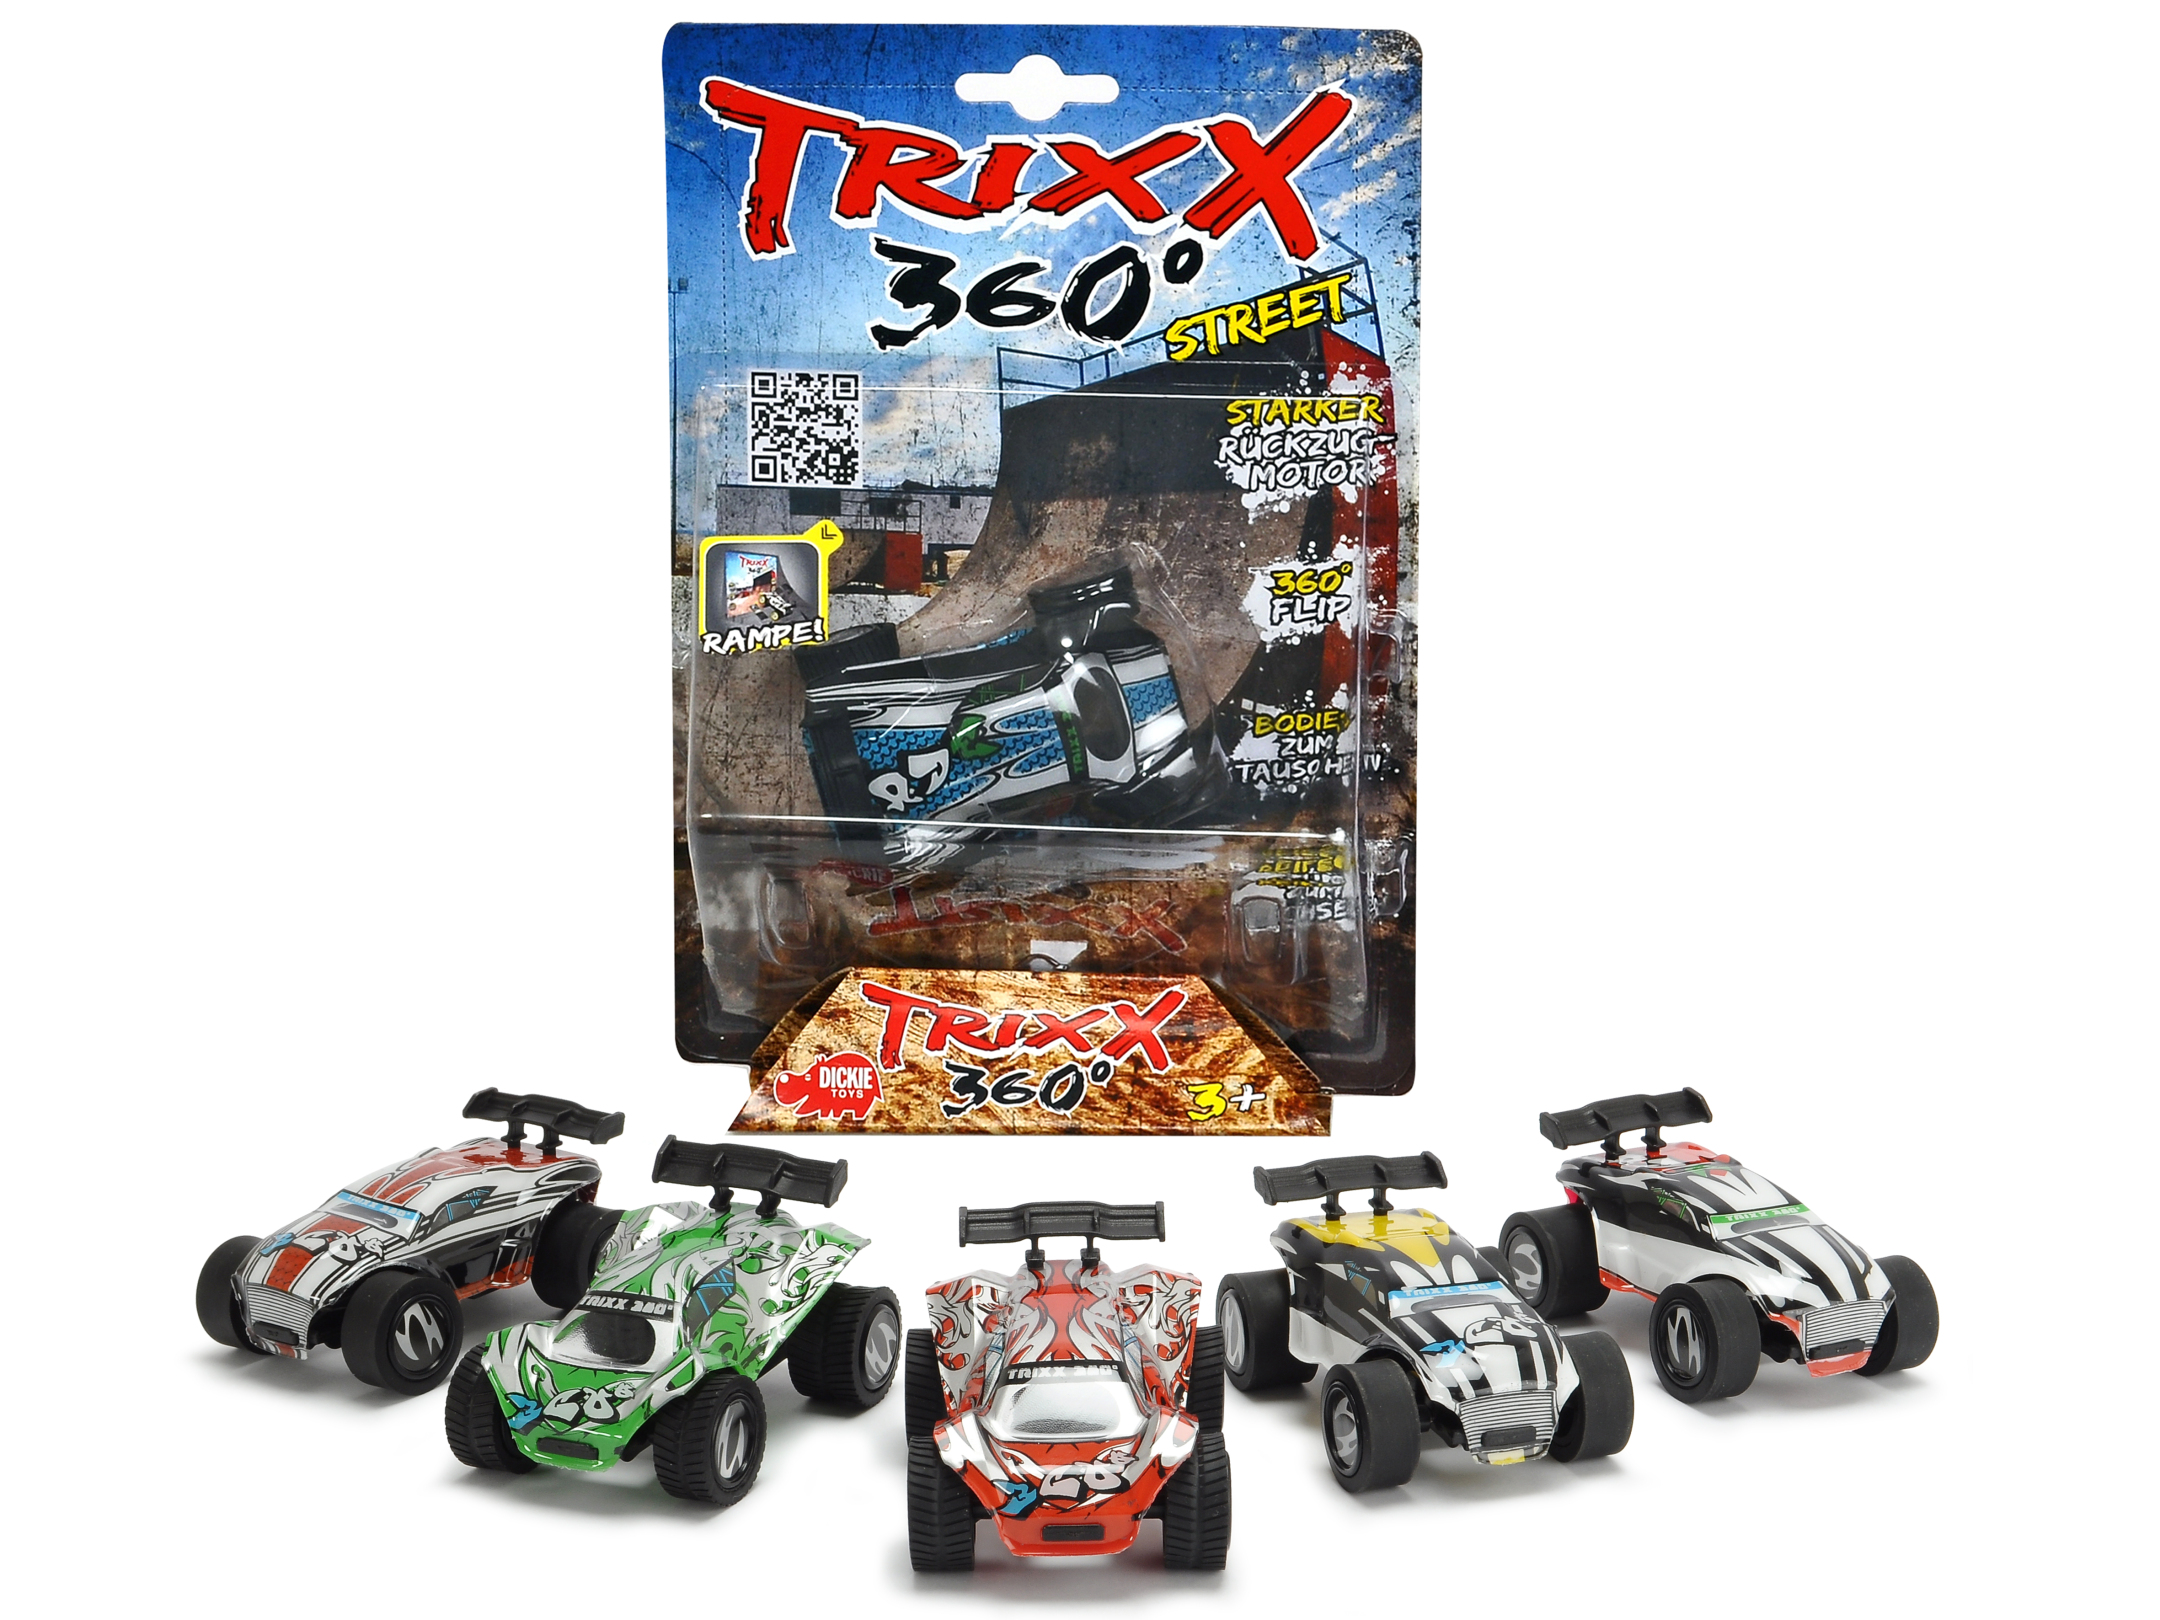 TRXX01 Trixx 360 - Short Ramp 6fs